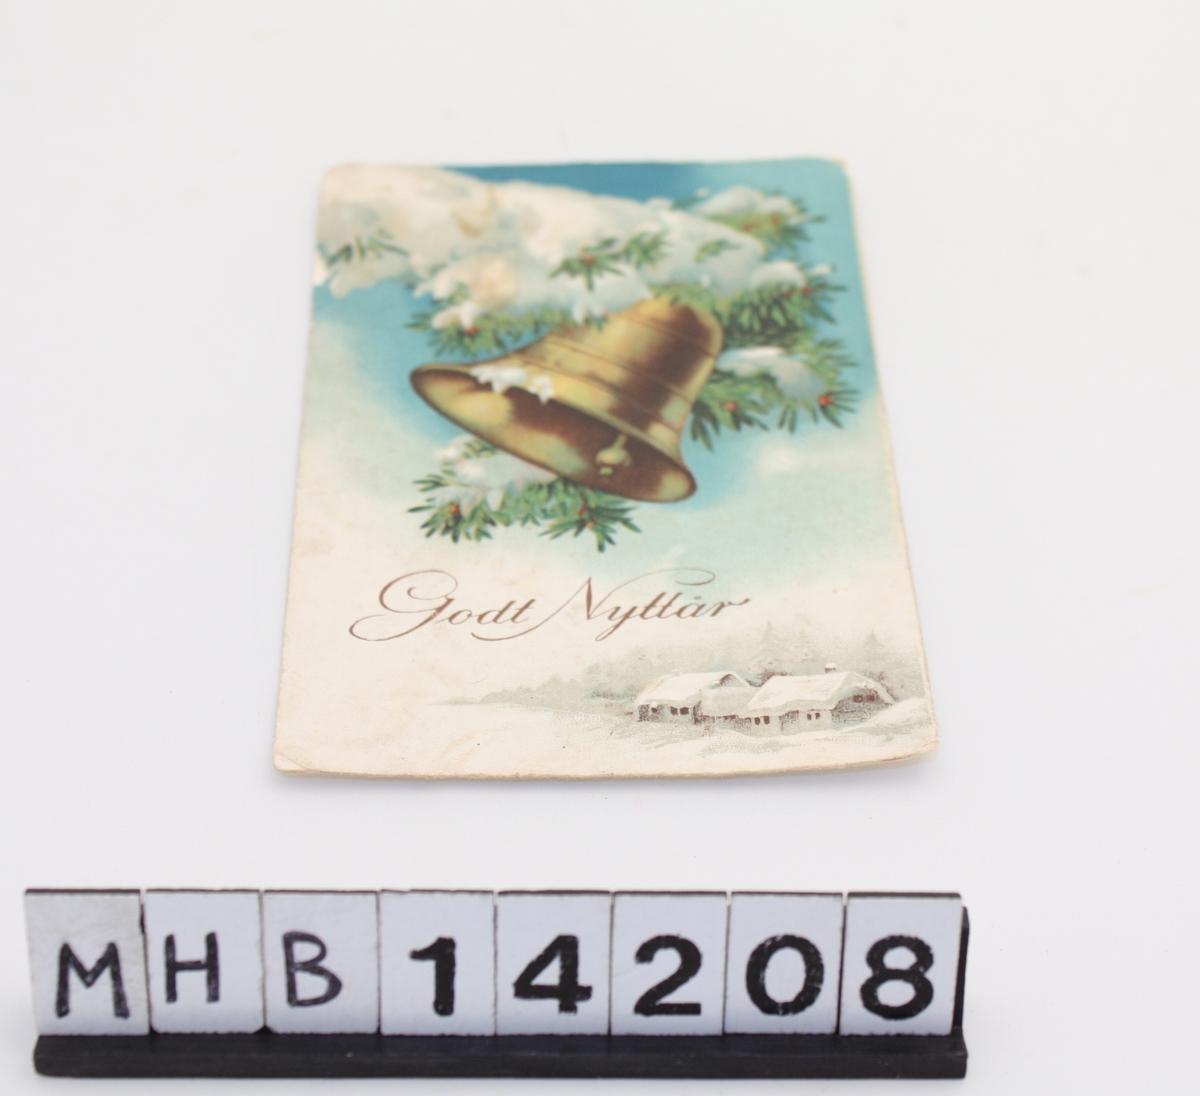 Rektangulært postkort med julehilsen. På en side er håndskrift og på den andre siden er motiv. Motivet består av et par snøkledde hus foran granskog nede i høyre hjørne. Midt på er en bjelle som henger på en snøkledd grein.